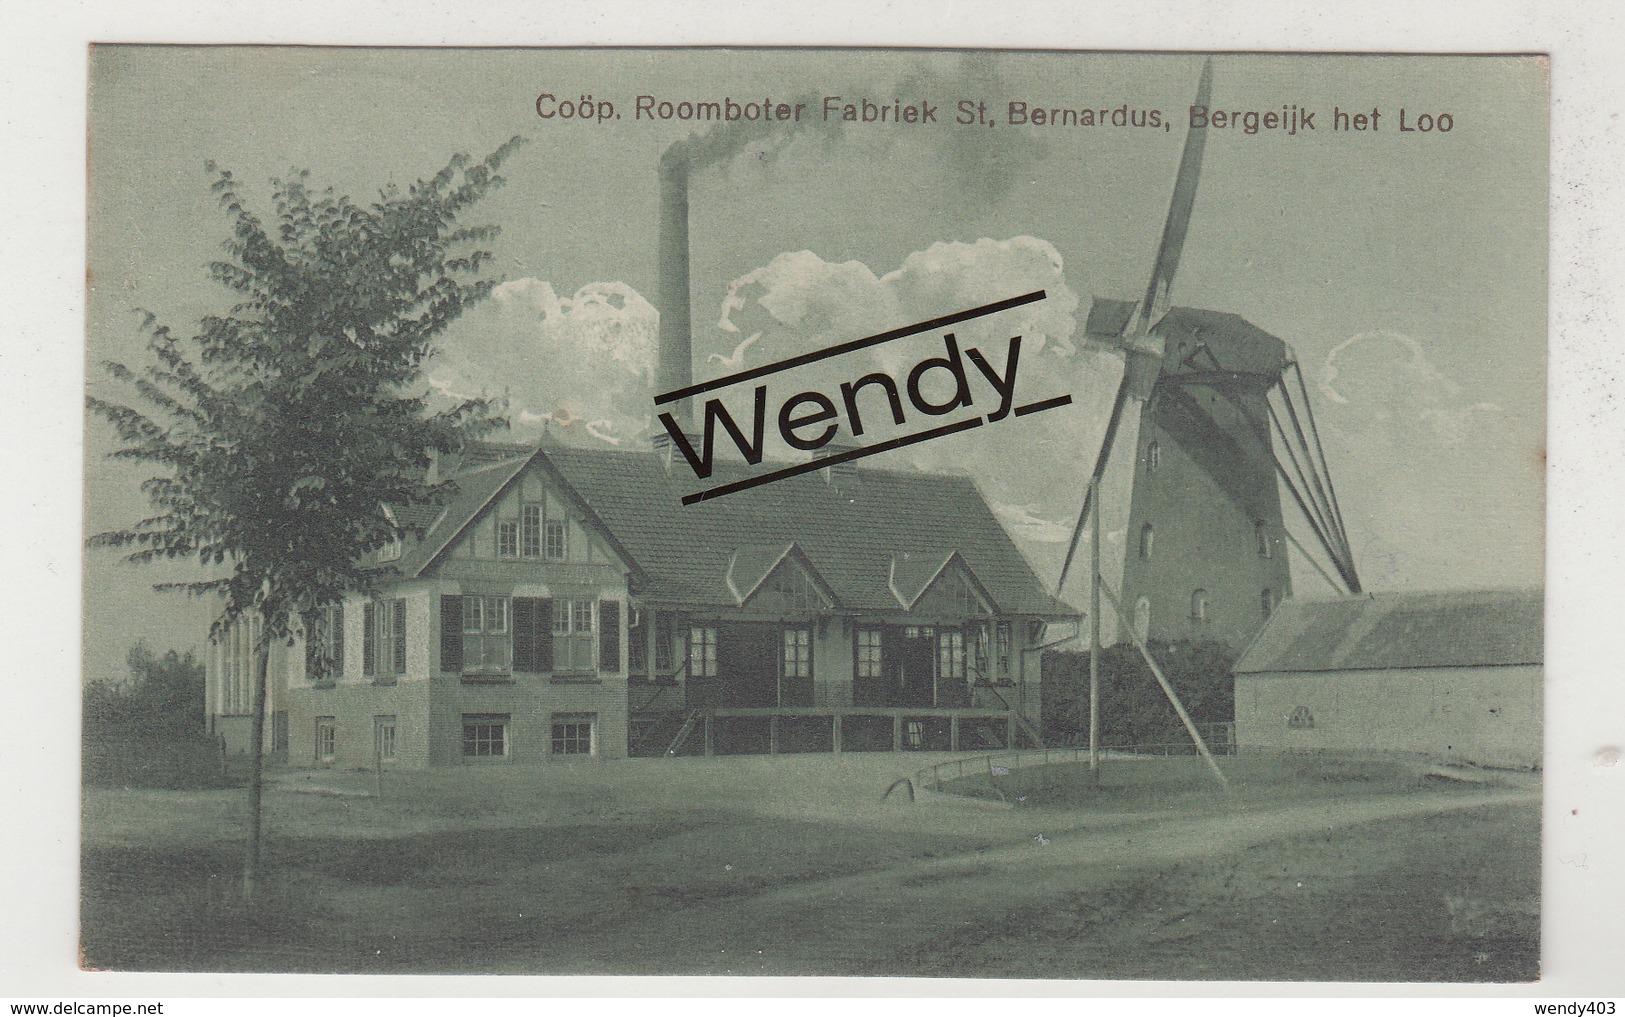 Bergeijk (windmolen - Coöp Roomboterfabriek St. Bernardus) - Pays-Bas